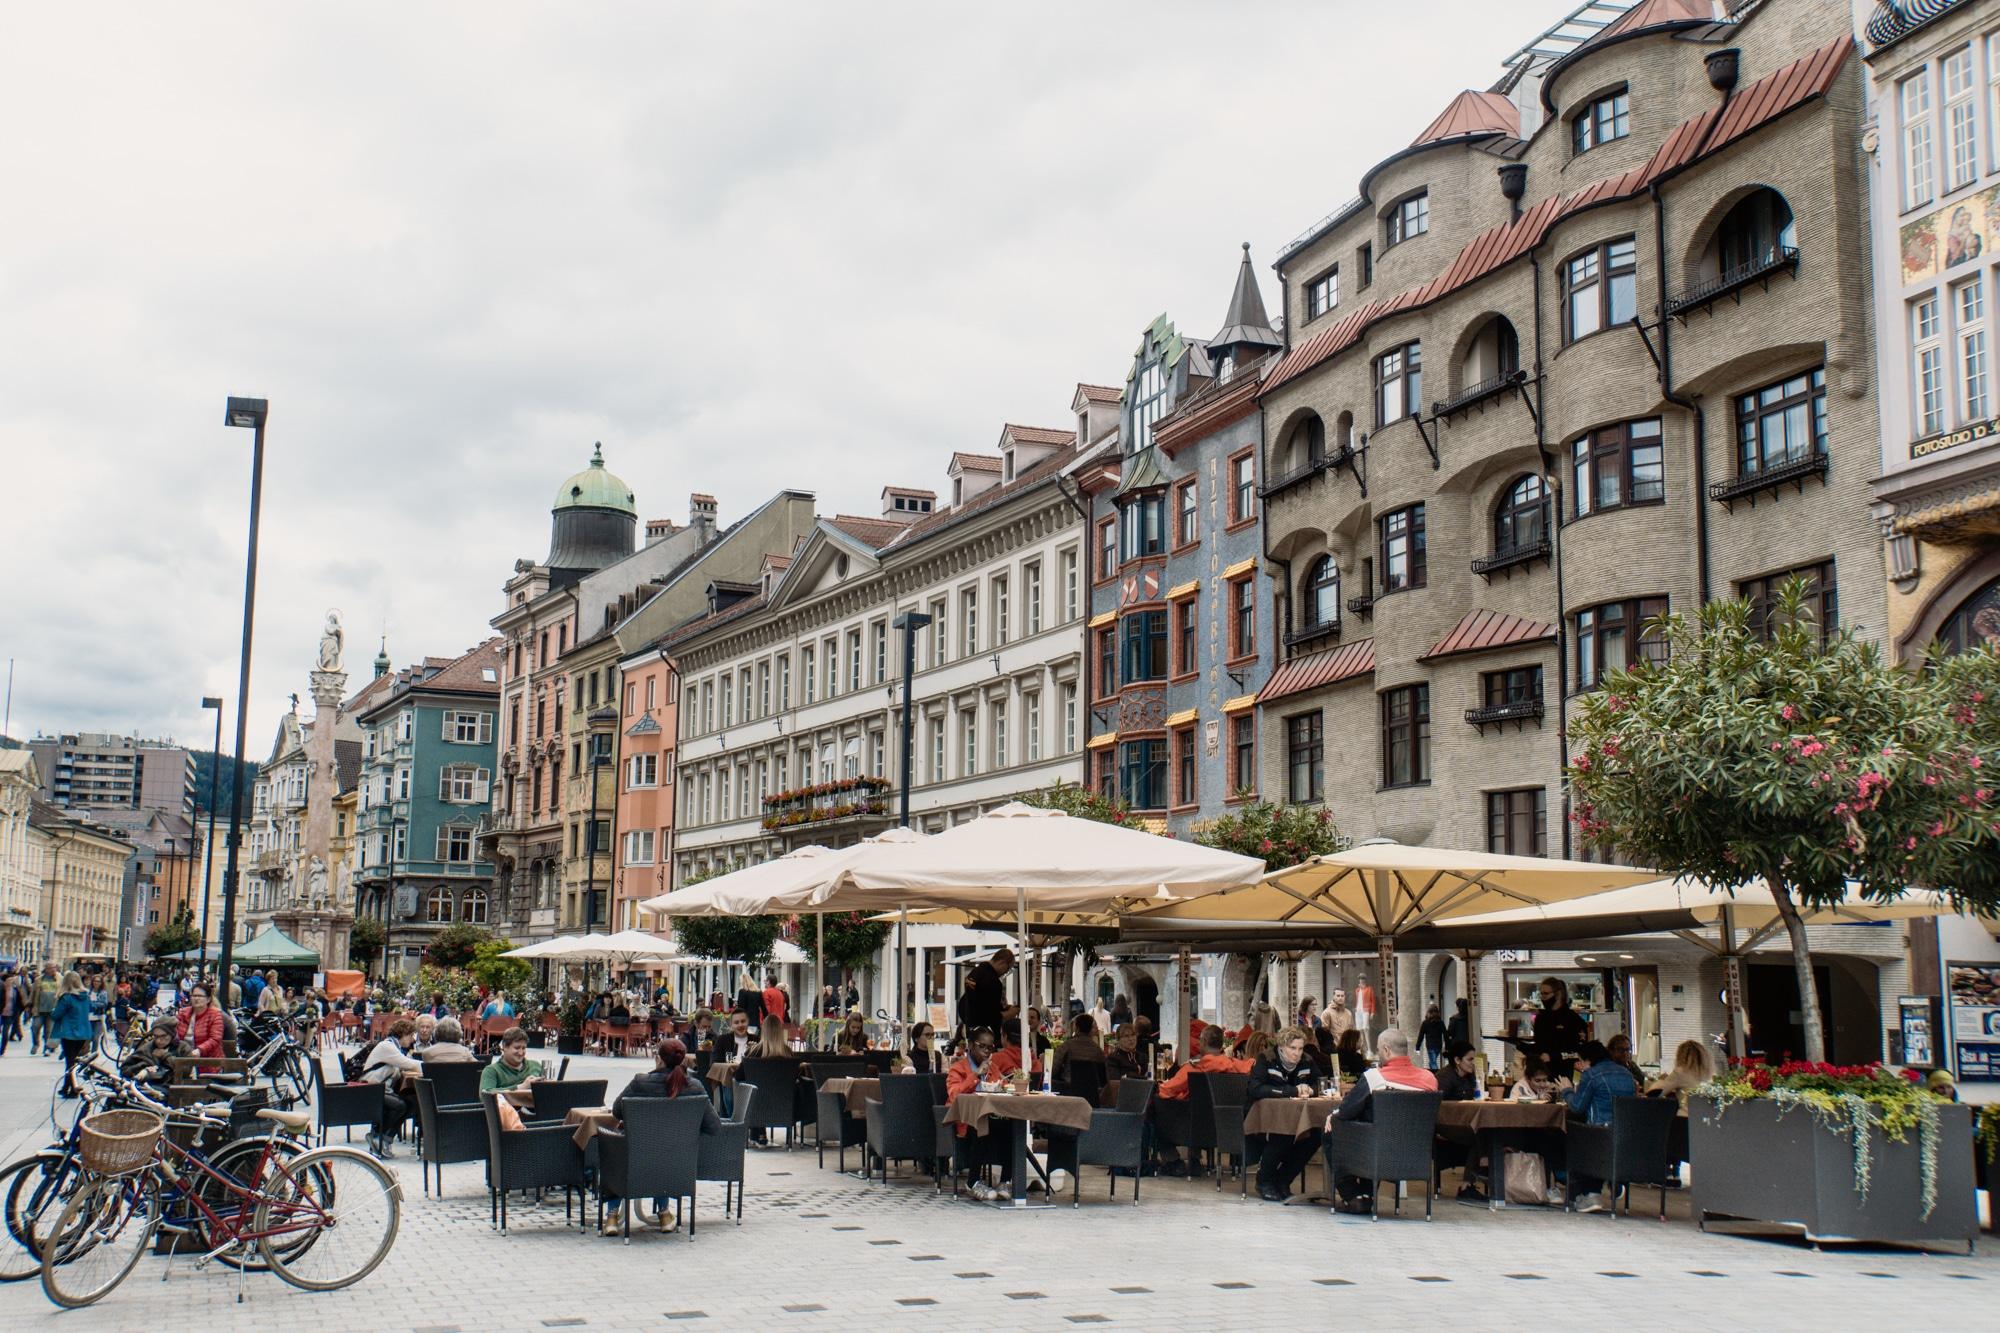 Innsbruck Sehenswürdigkeiten: Top Ten Highlights und Tipps für die Stadt - Maria-Theresien-Straße